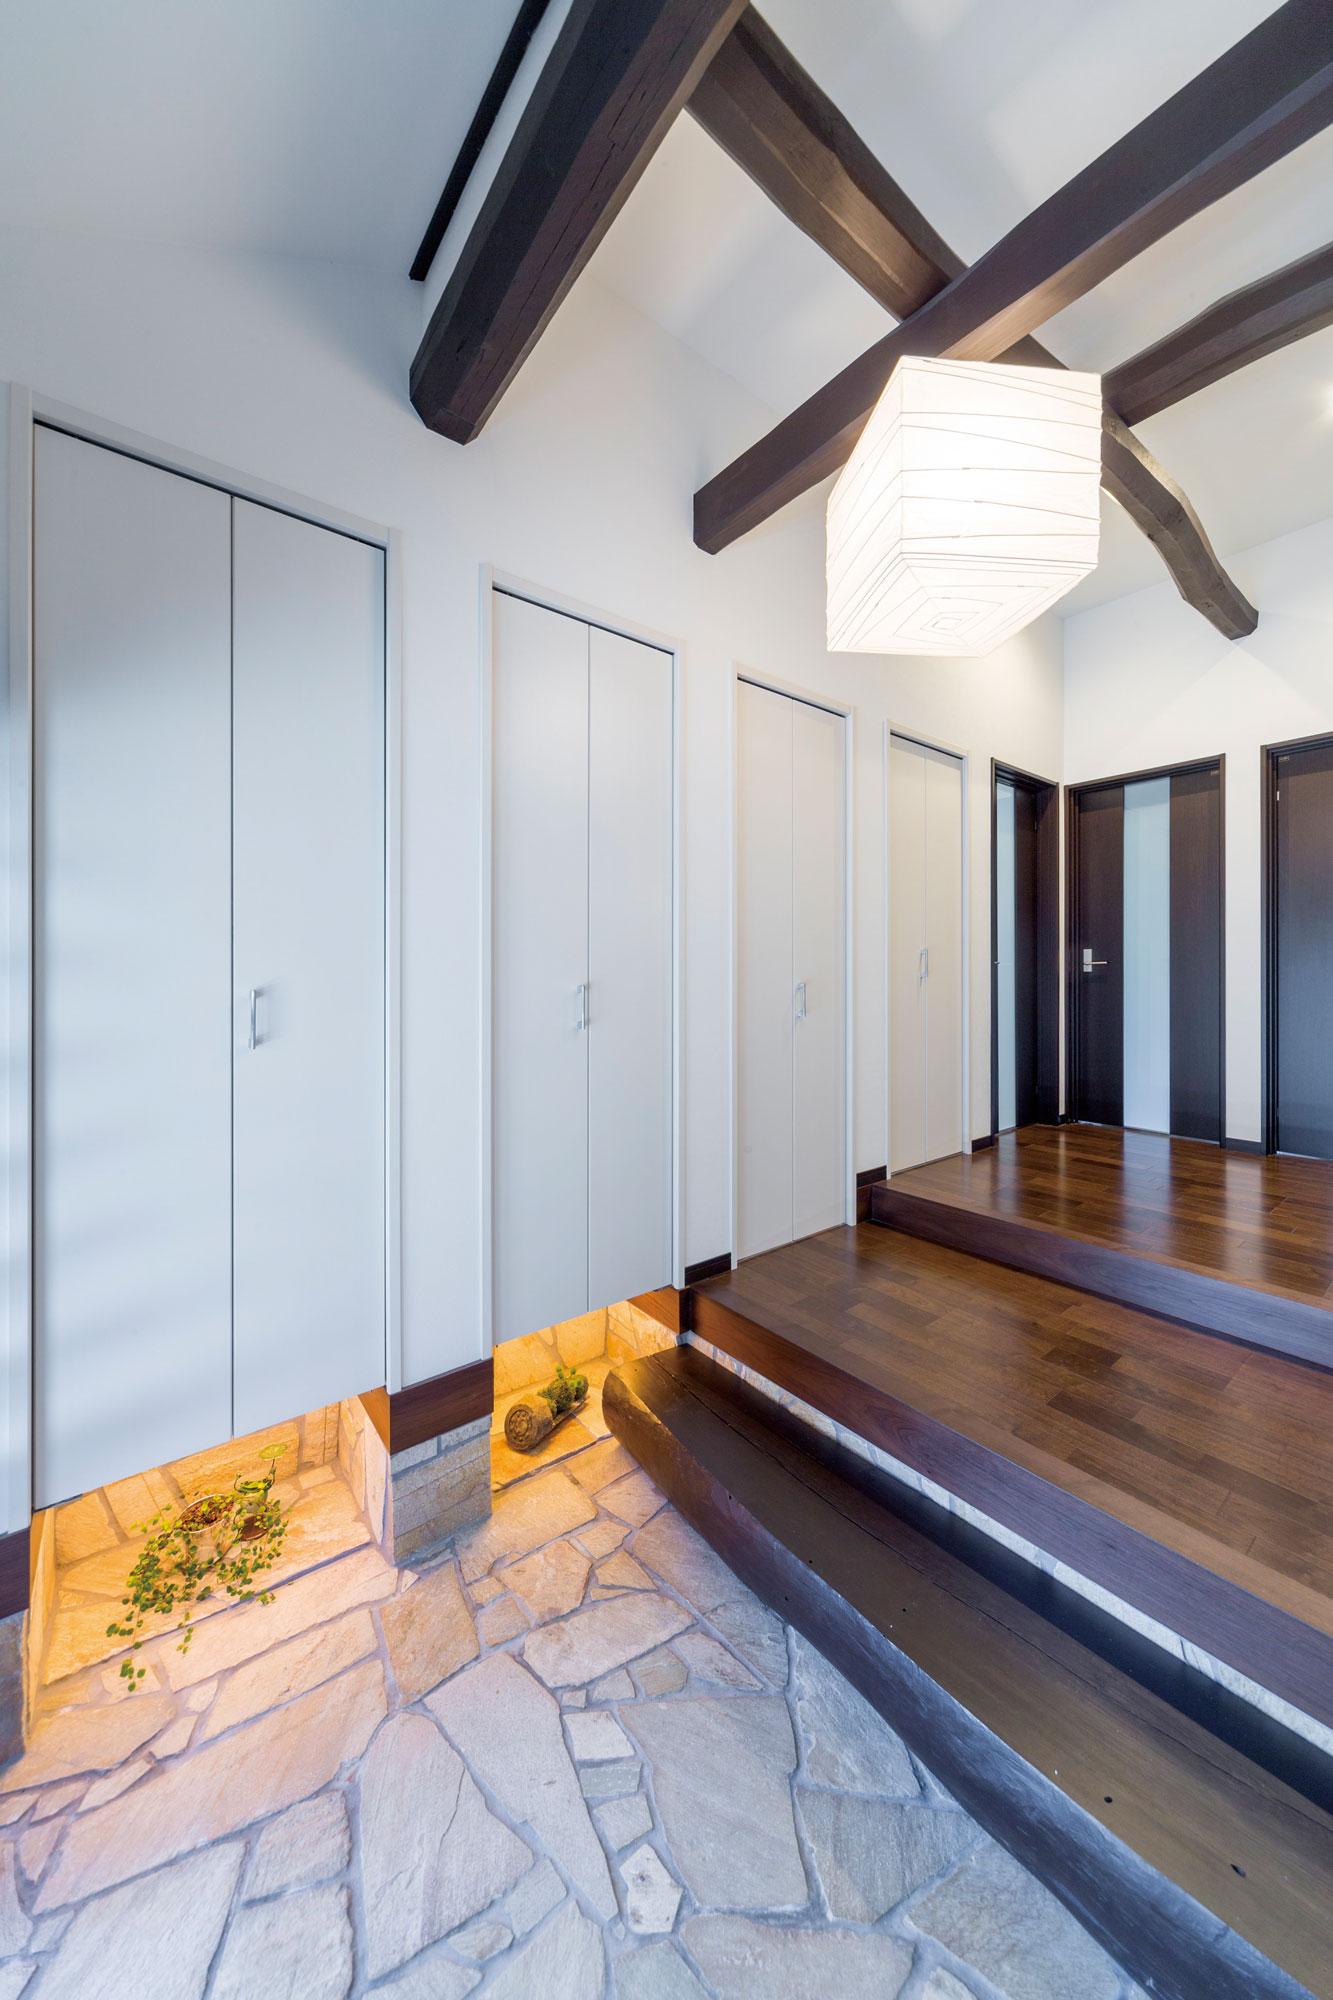 以前から使っていた玄関床や上がりの踏み台を活かした玄関。収納下にはスペースを設け間接照明で演出。